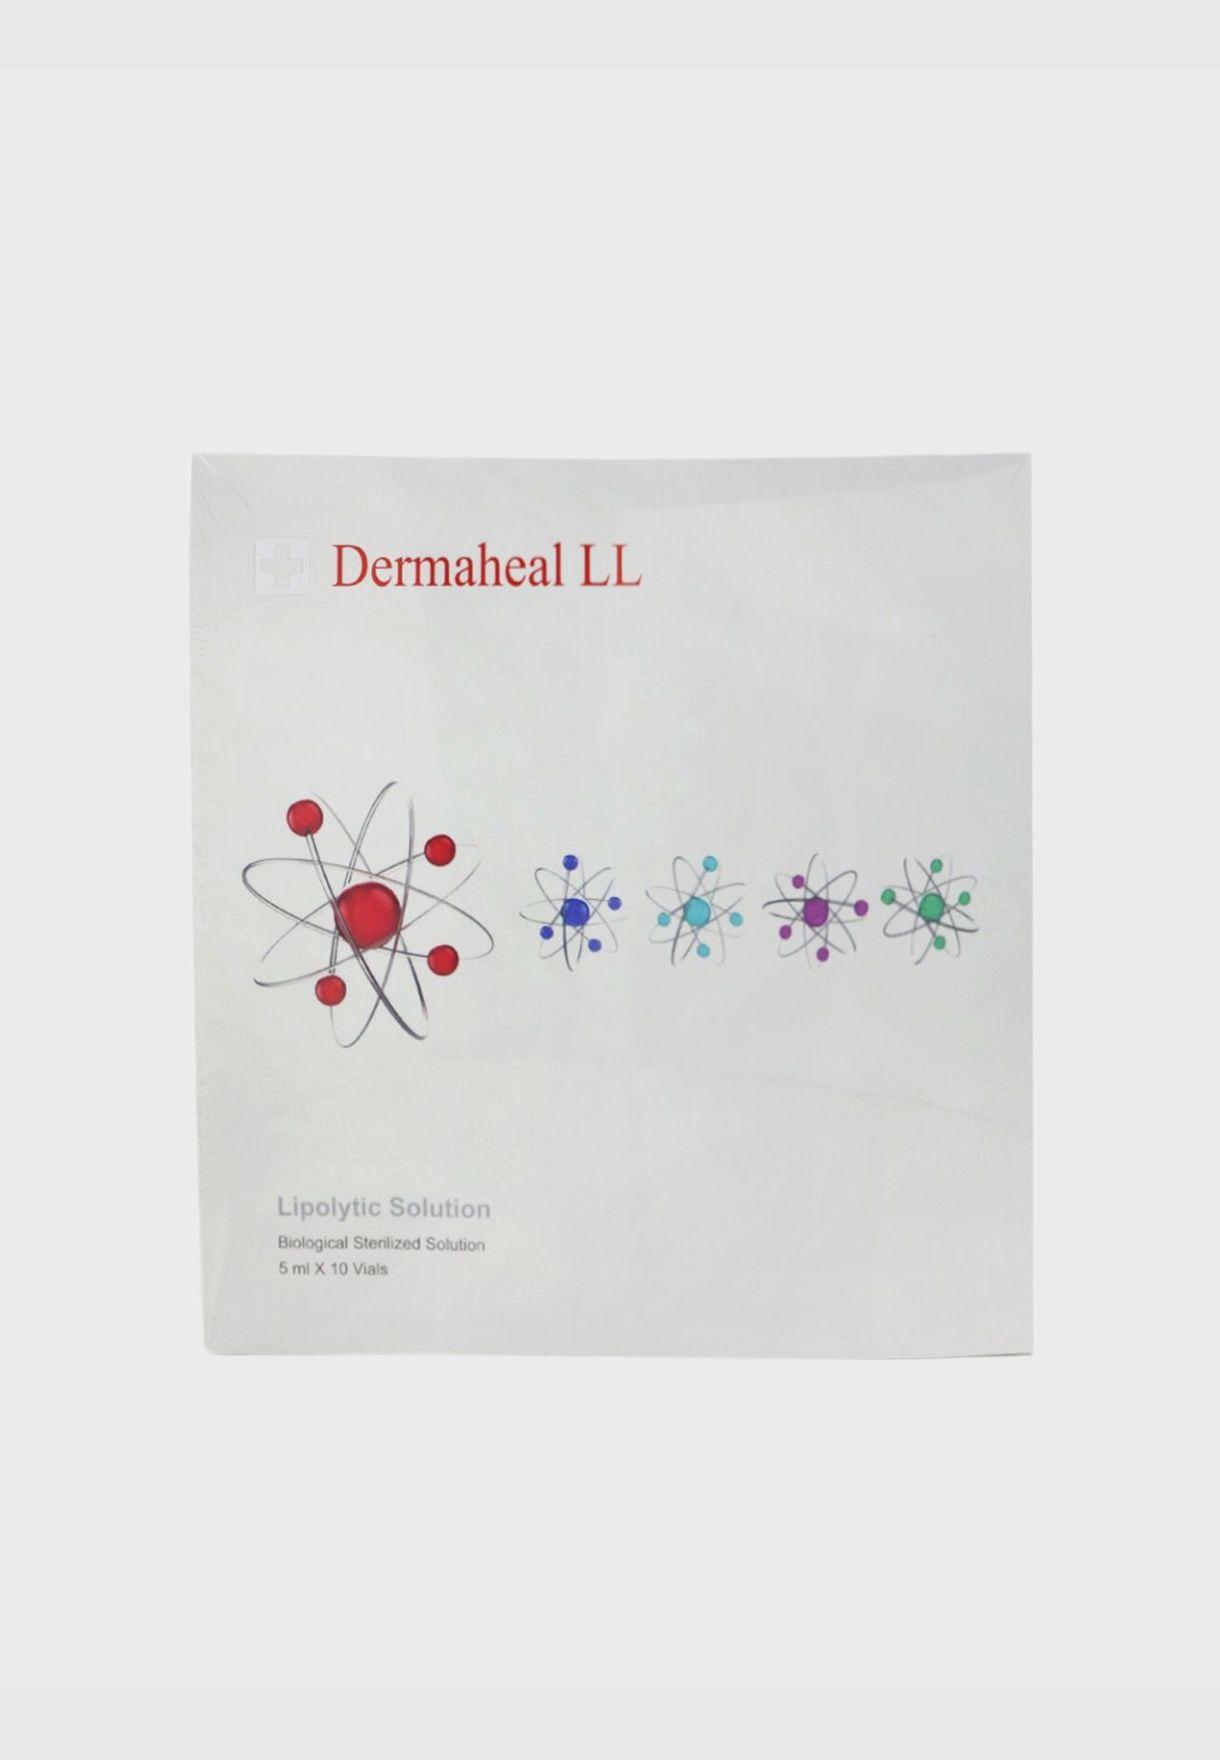 محلول ليبوليتيك LL (محلول بيولوجي معقم)